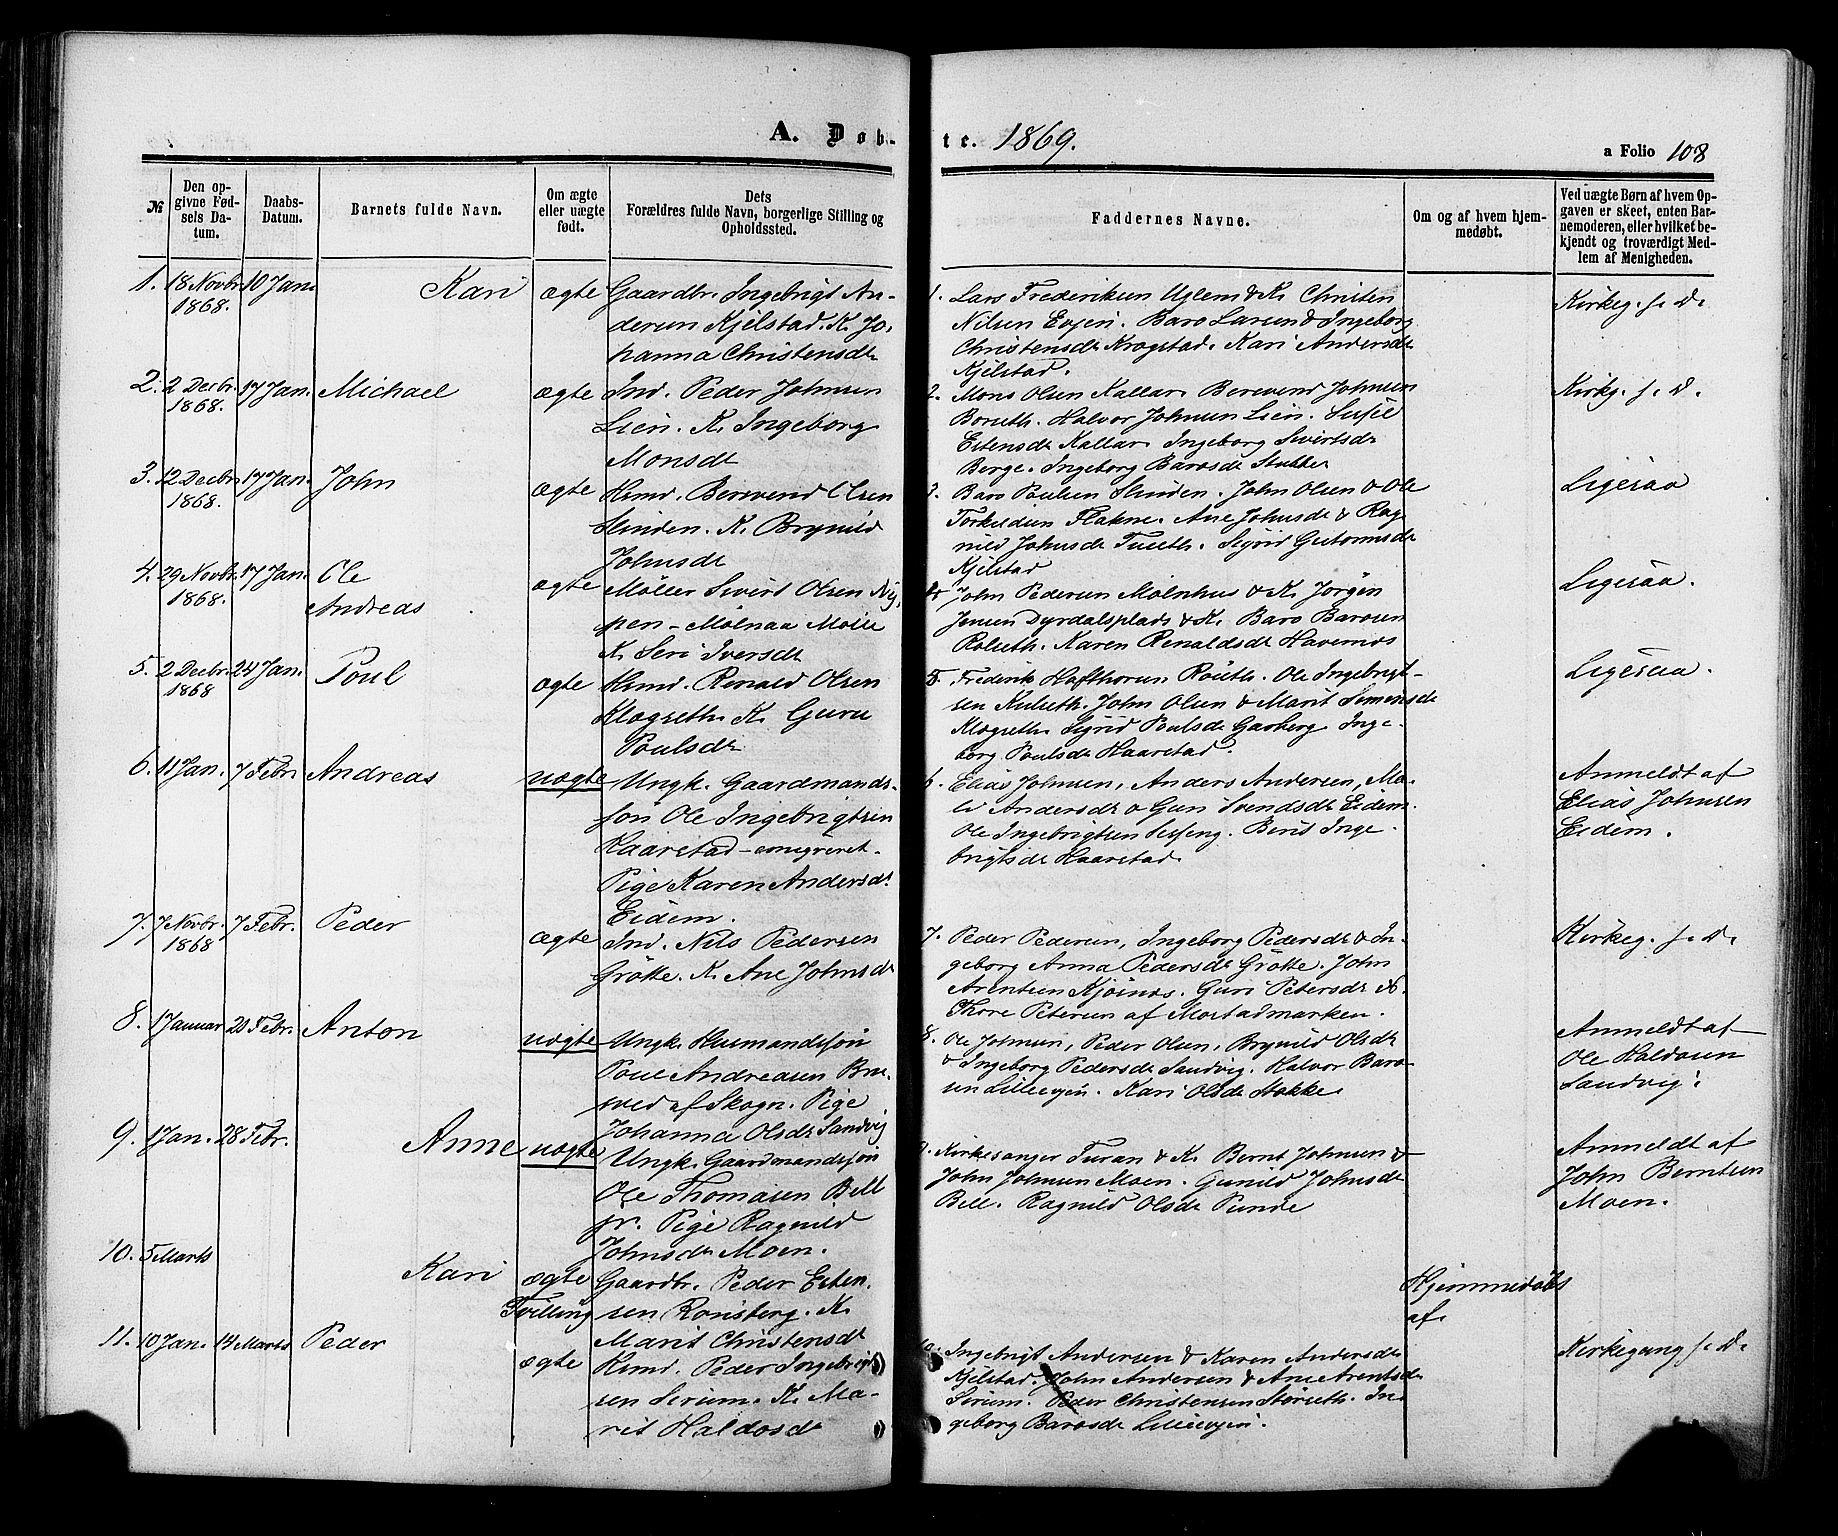 SAT, Ministerialprotokoller, klokkerbøker og fødselsregistre - Sør-Trøndelag, 695/L1147: Ministerialbok nr. 695A07, 1860-1877, s. 108